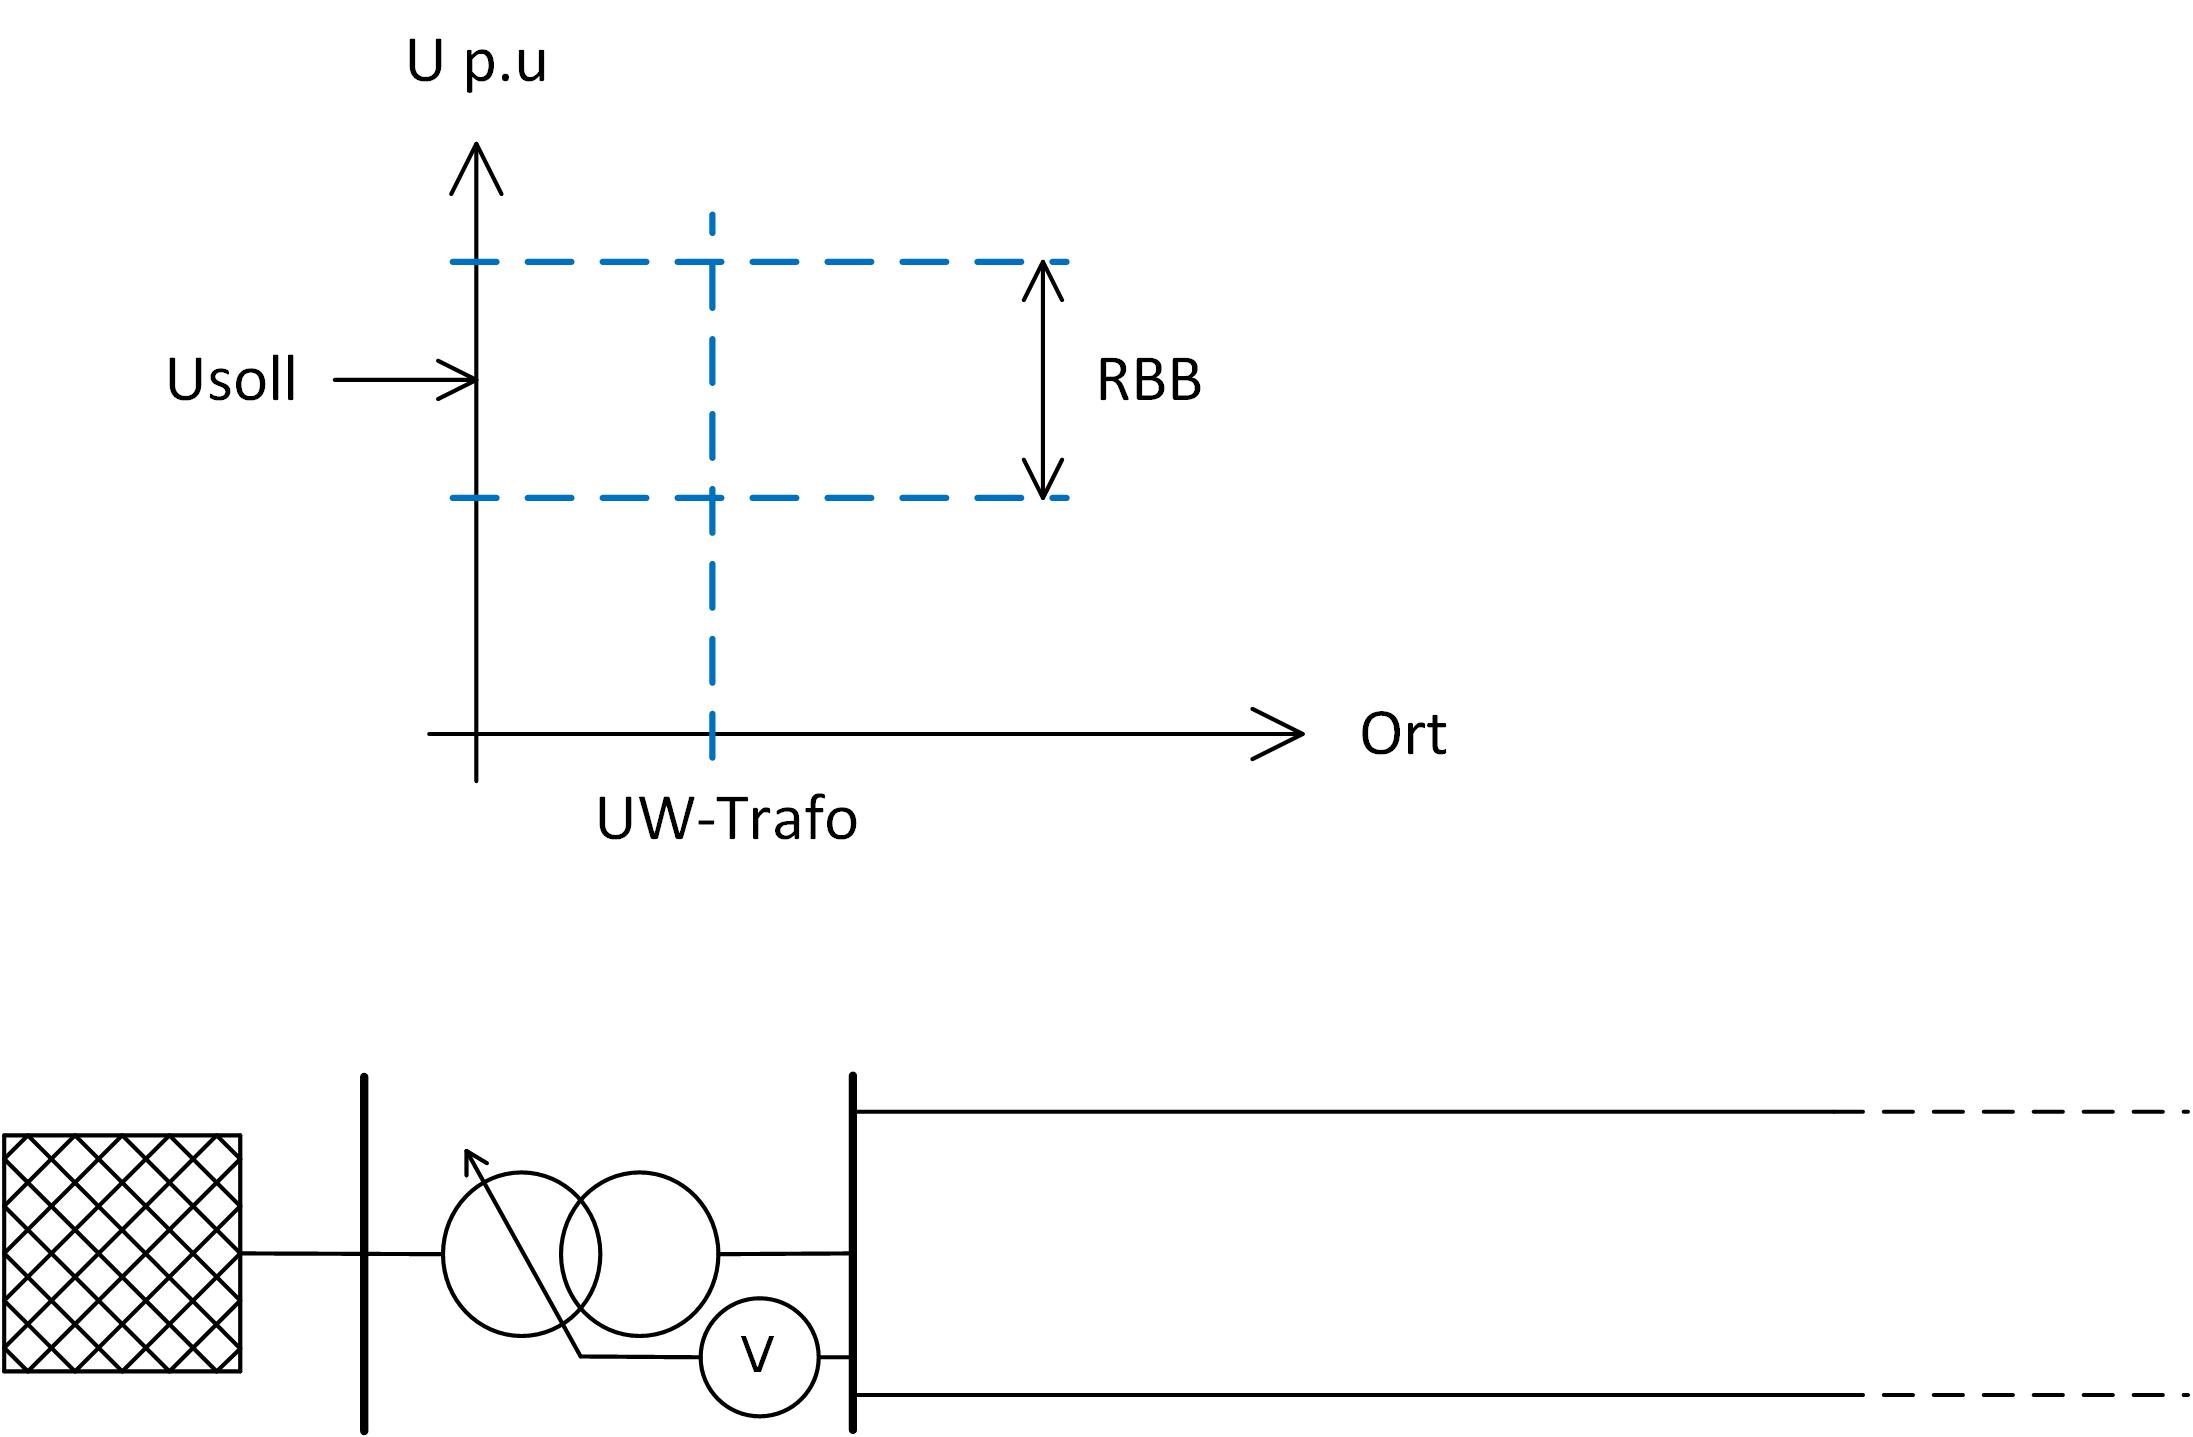 UW-Regelung auf Basis des Spannungsniveaus an der MS-Sammelschiene